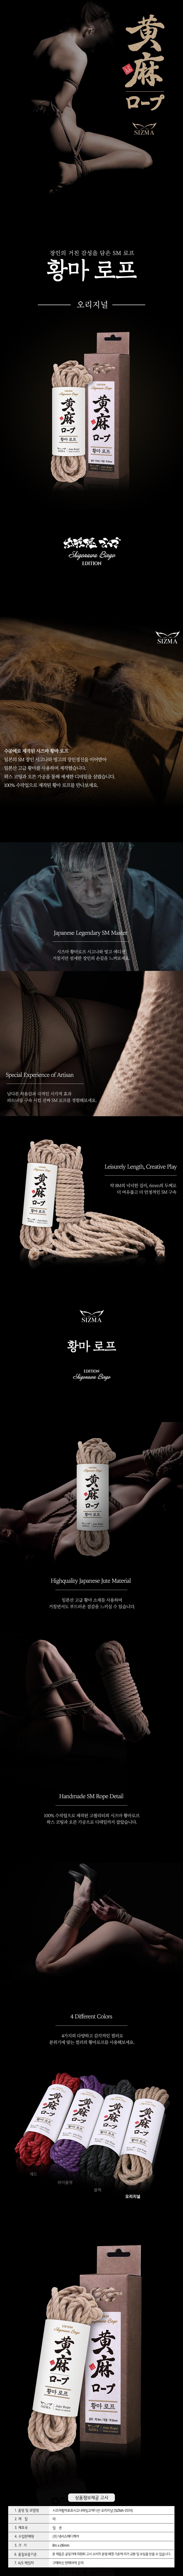 [시즈마] 시고나와빙고 에디션 황마로프 오리지널